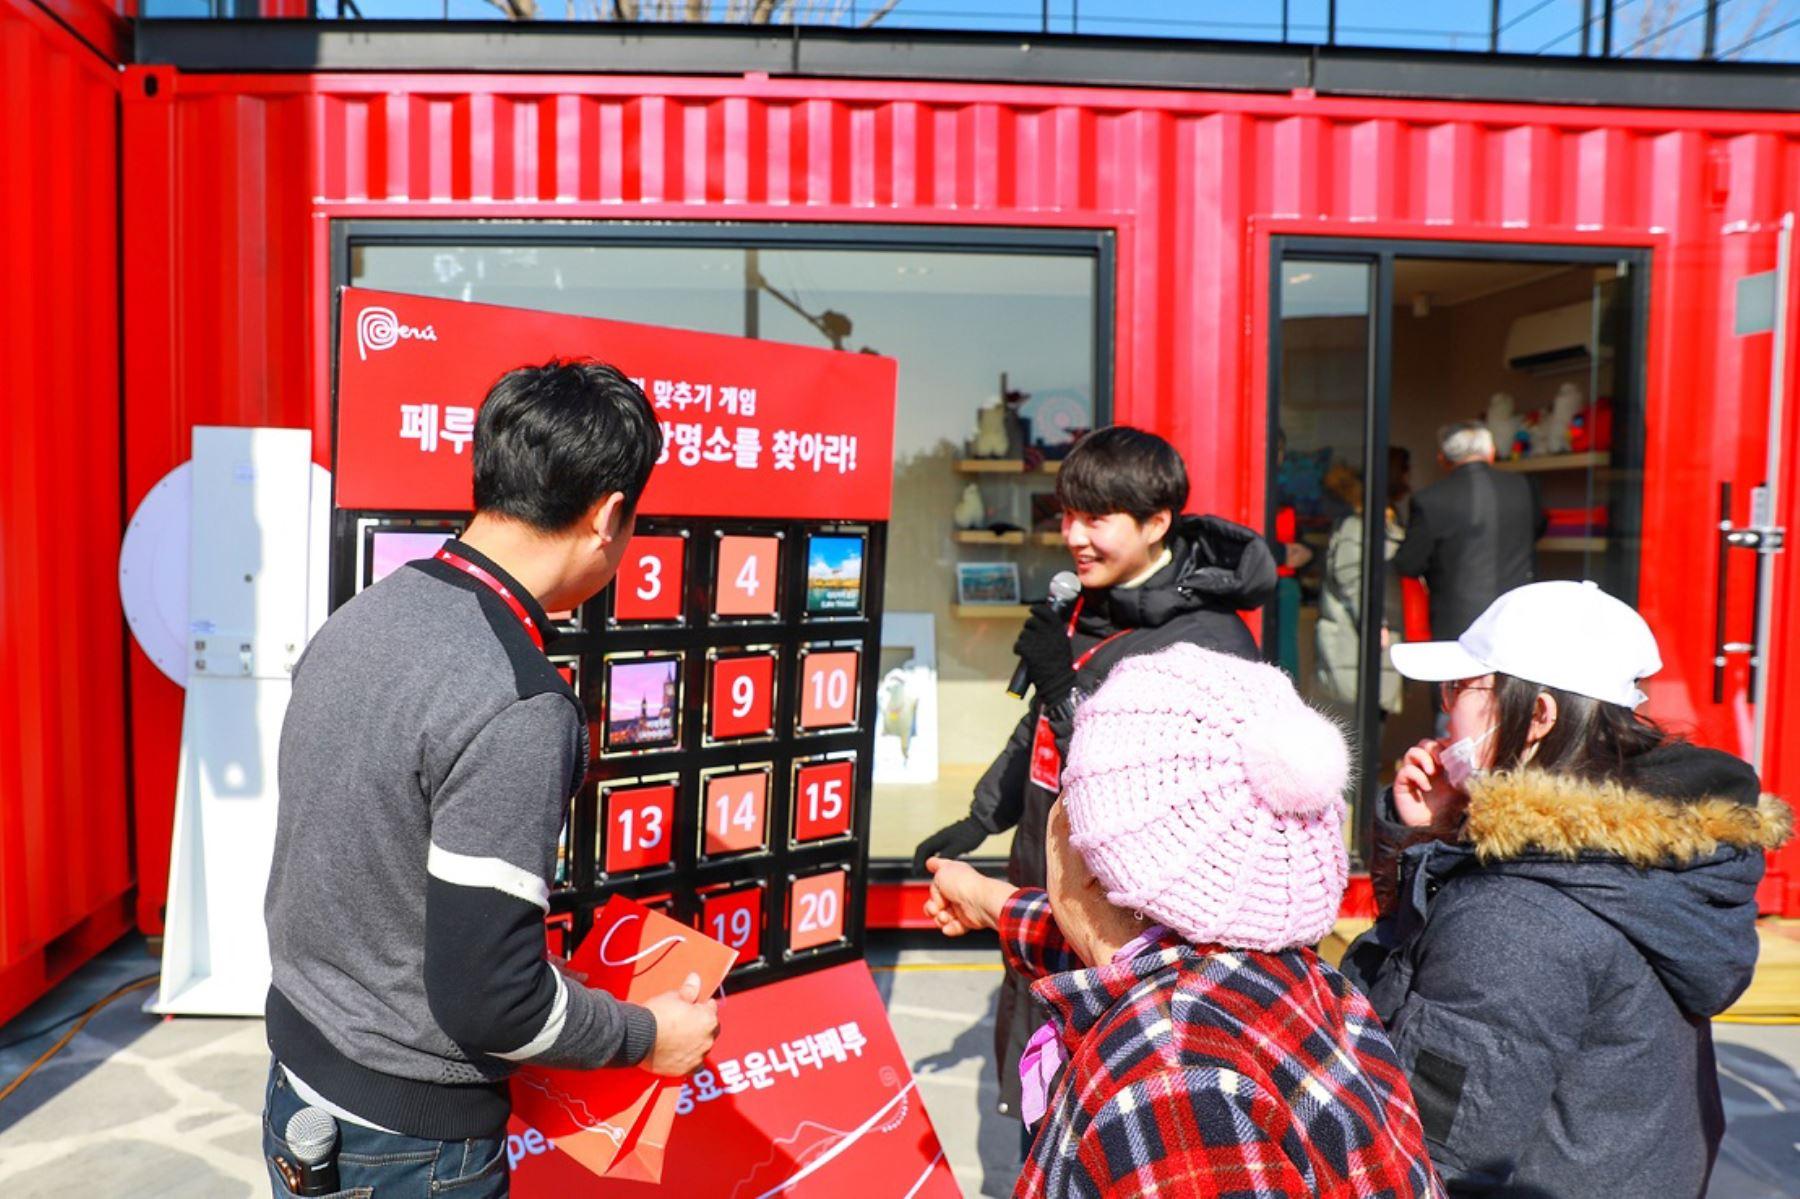 08/02/2018   Primera 'Casa Perú' abre sus puertas en olimpiadas de invierno de Corea del Sur. Foto: ANDINA/ Difusión